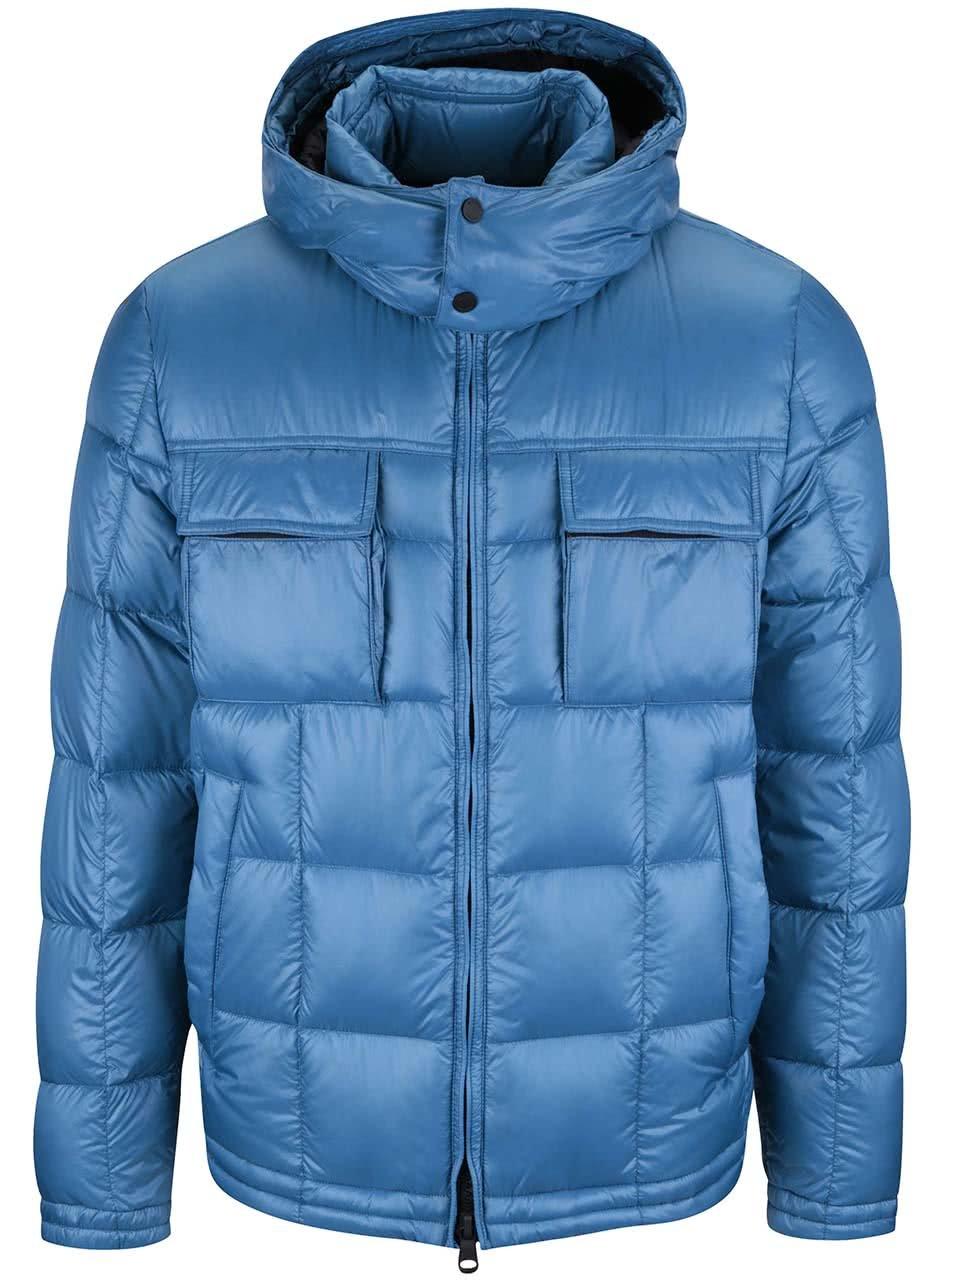 Modrá pánska prošívaná lesklá bunda s kapucí Geox Down